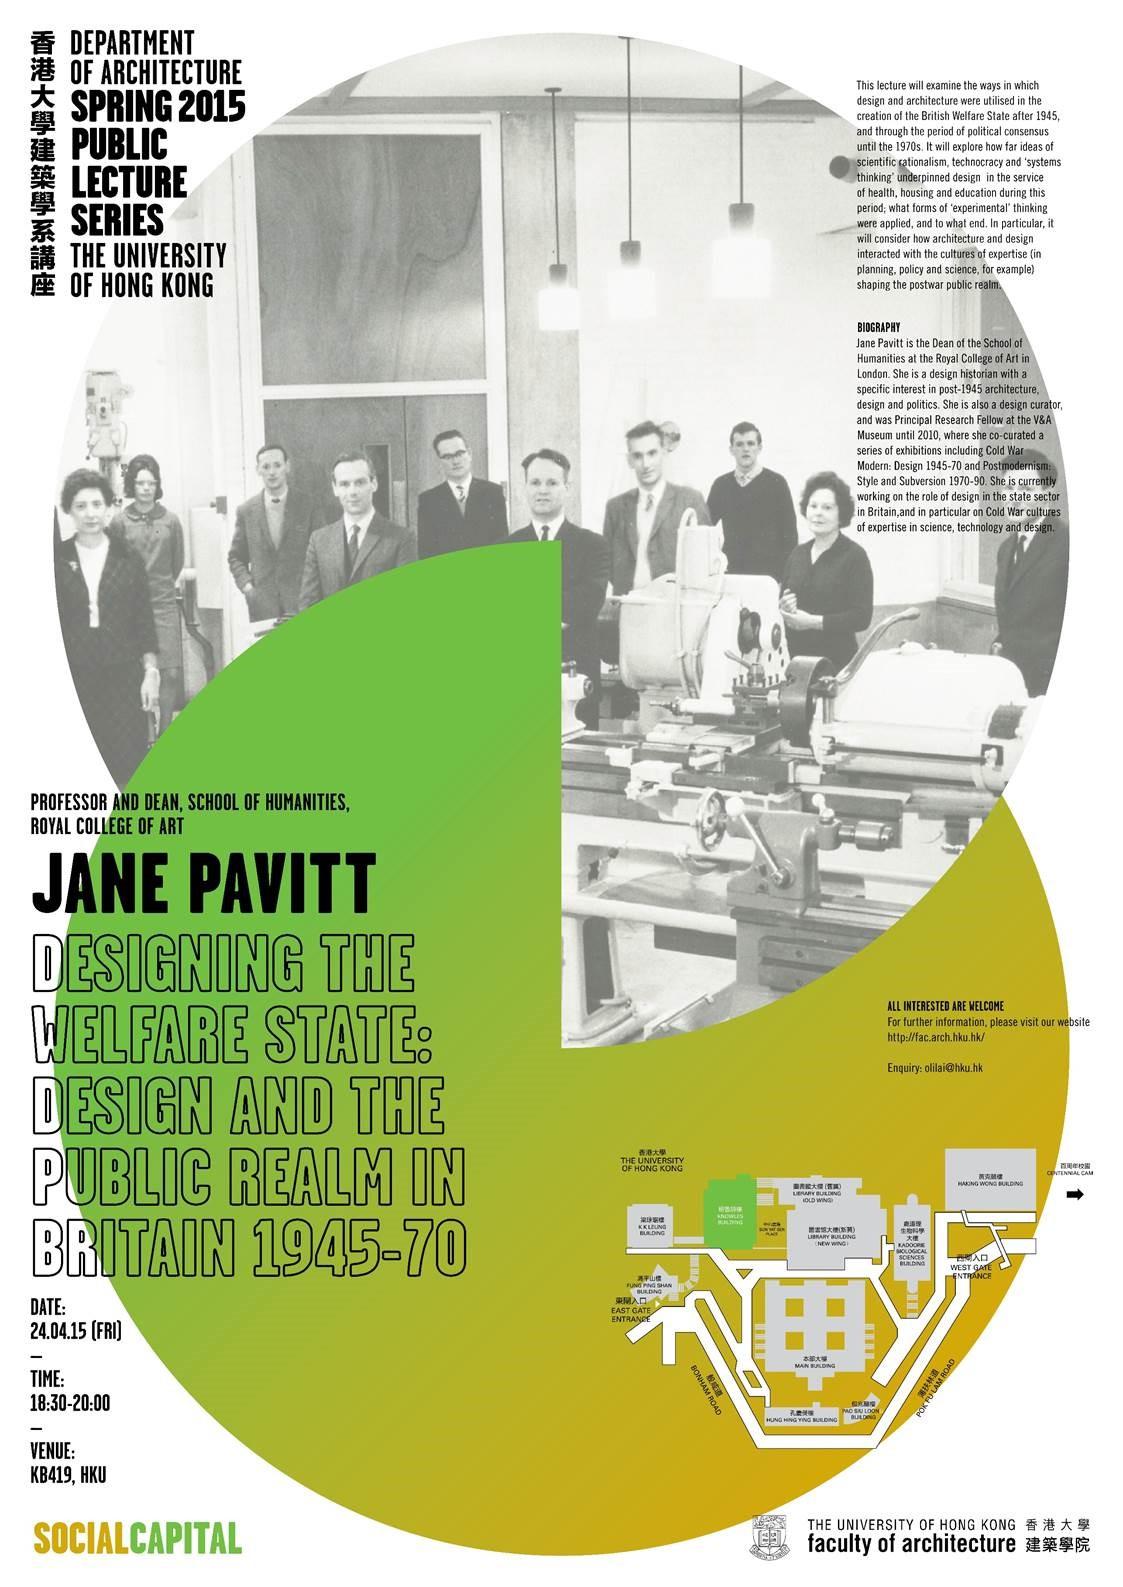 Jane Pavitt